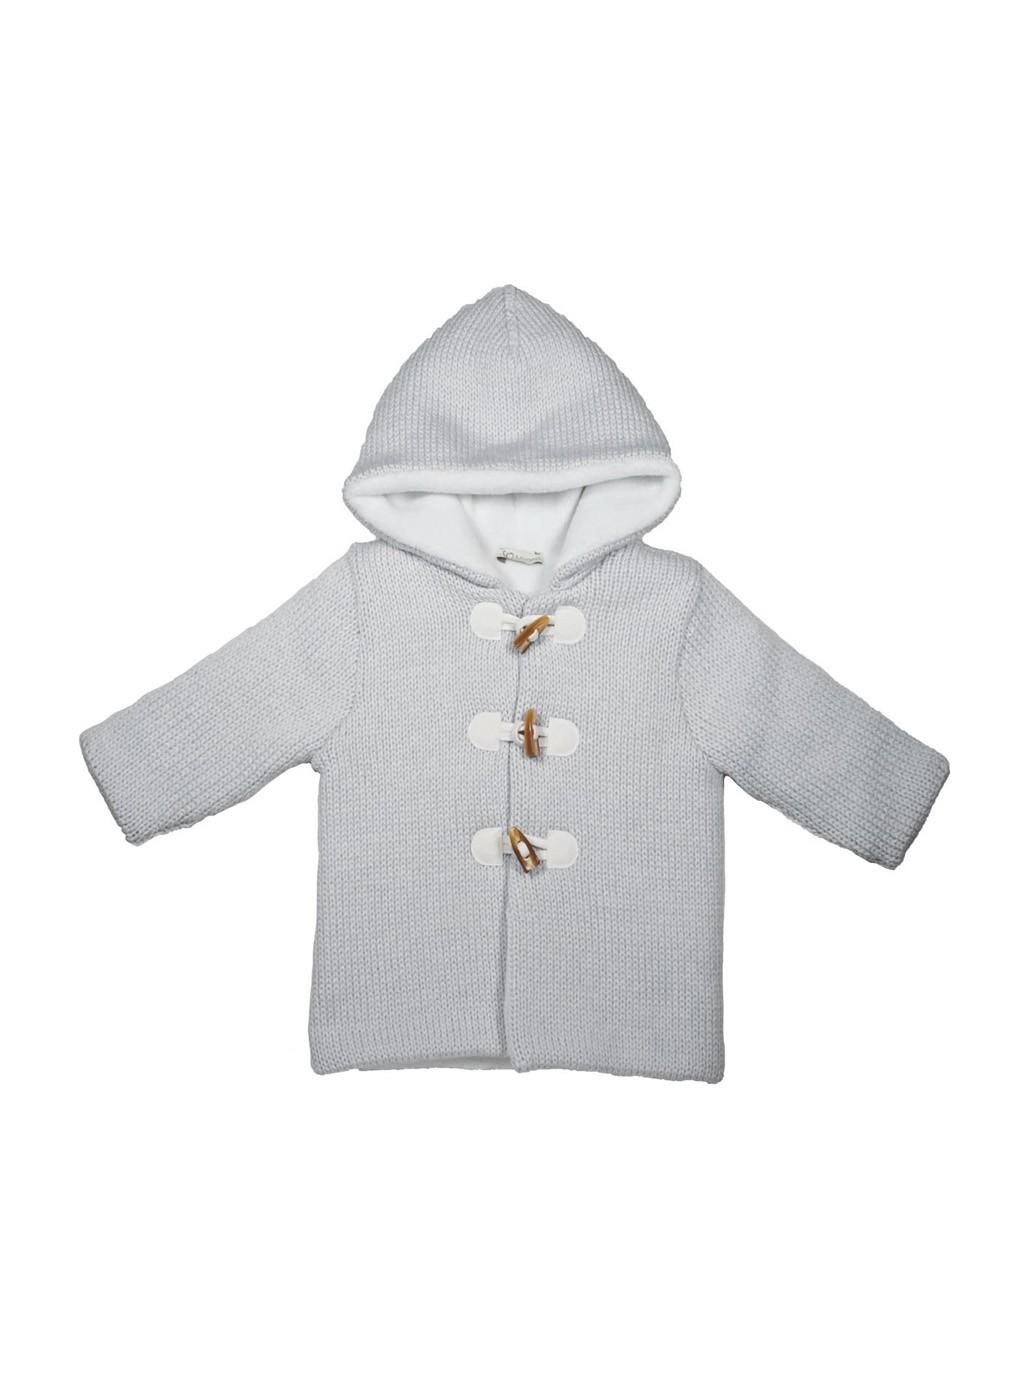 Cappotto invernale maglia lana con cappuccio